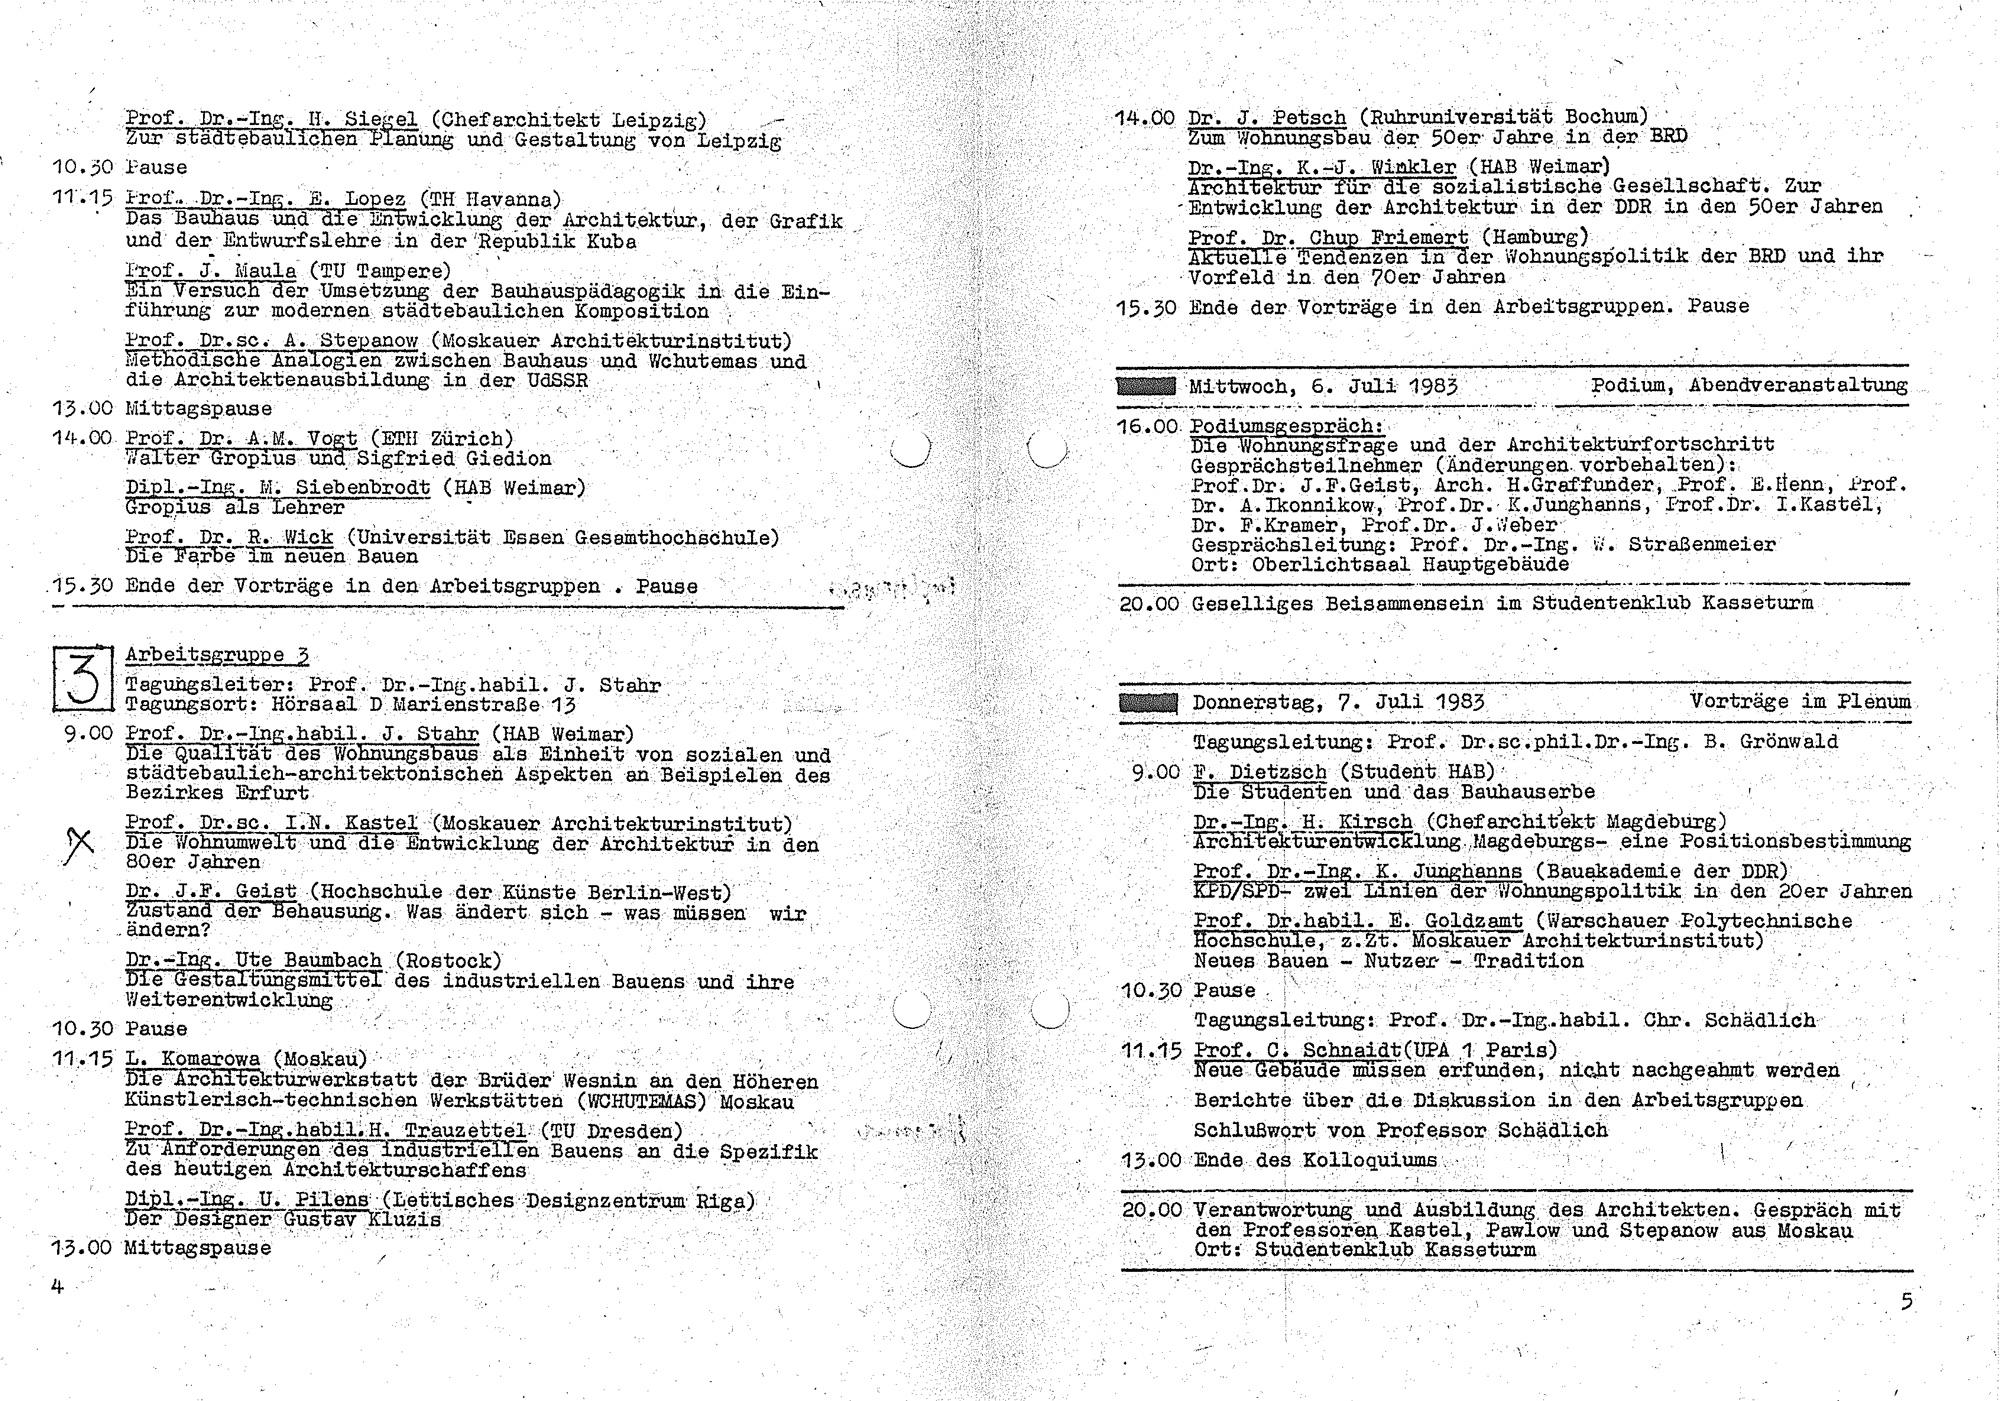 Programm des III. Bauhaus-Kolloquiums